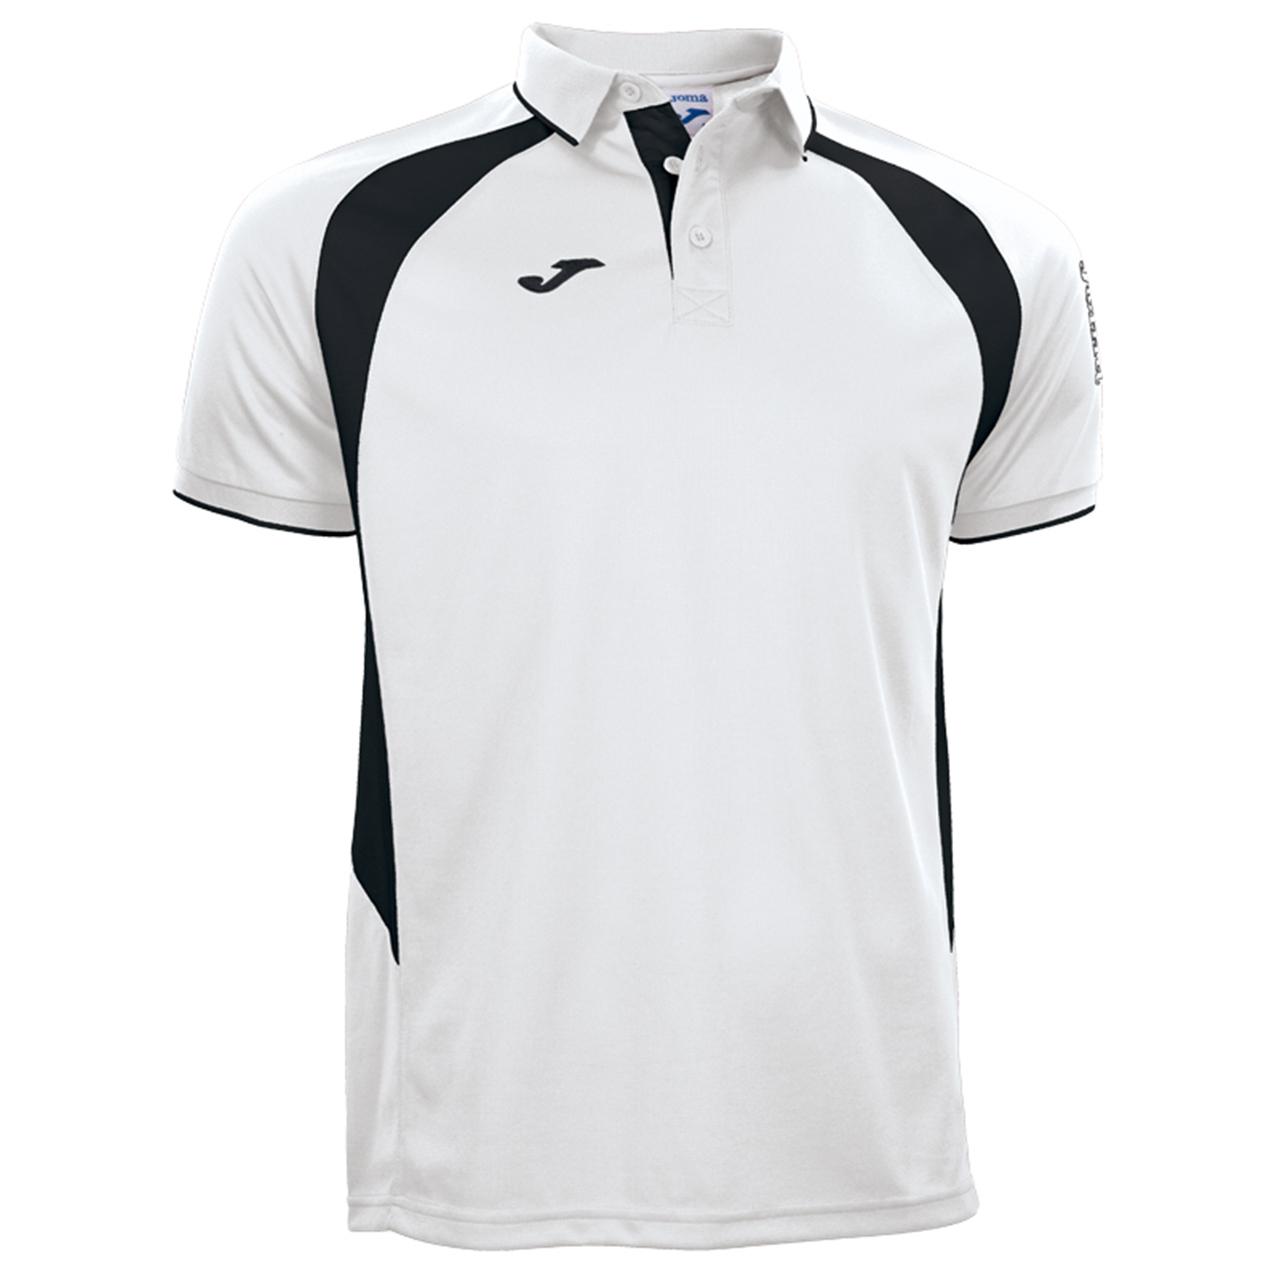 پلوشرت مردانه جوما مدل CHAMPION III WHITE-BLACK